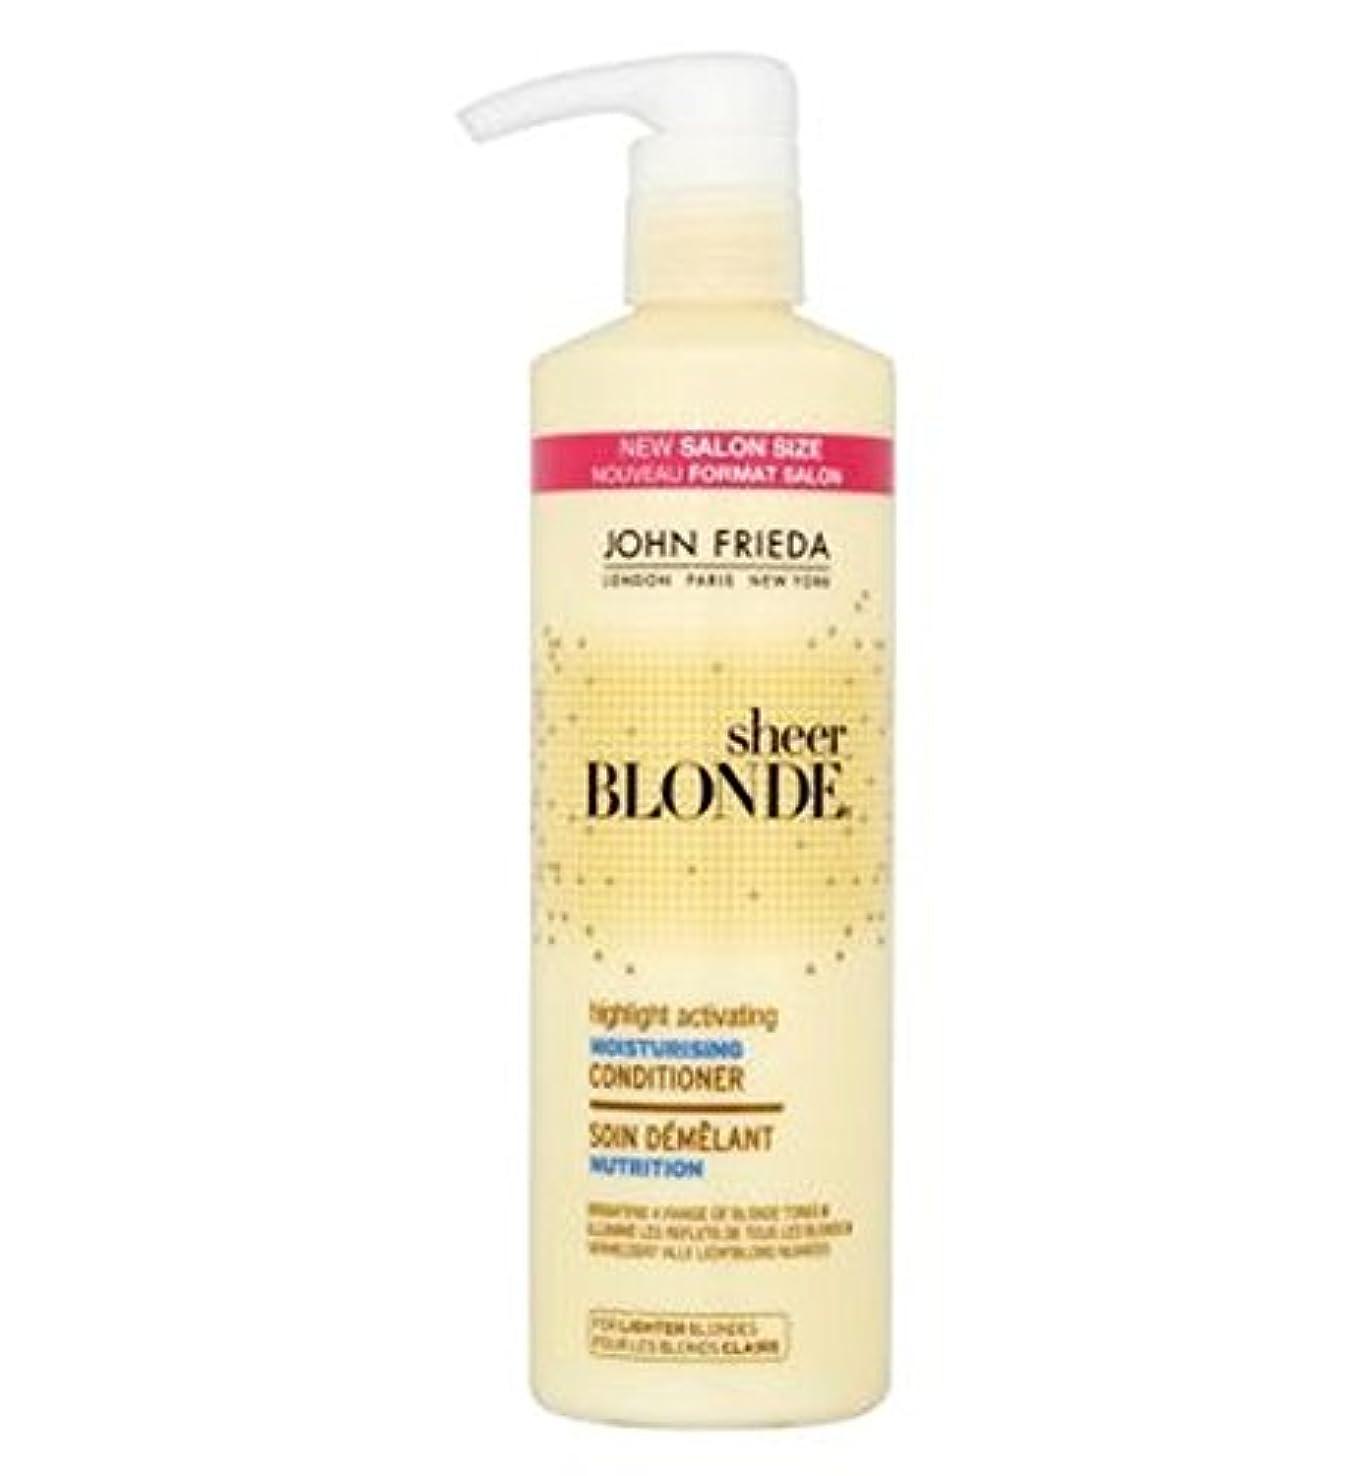 加害者反対使い込むJohn Frieda Sheer Blonde Highlight Activating Moisturising Conditioner 500ml - ジョン?フリーダ薄手のブロンドのハイライト活性化保湿コンディショナー500ミリリットル (John Frieda) [並行輸入品]